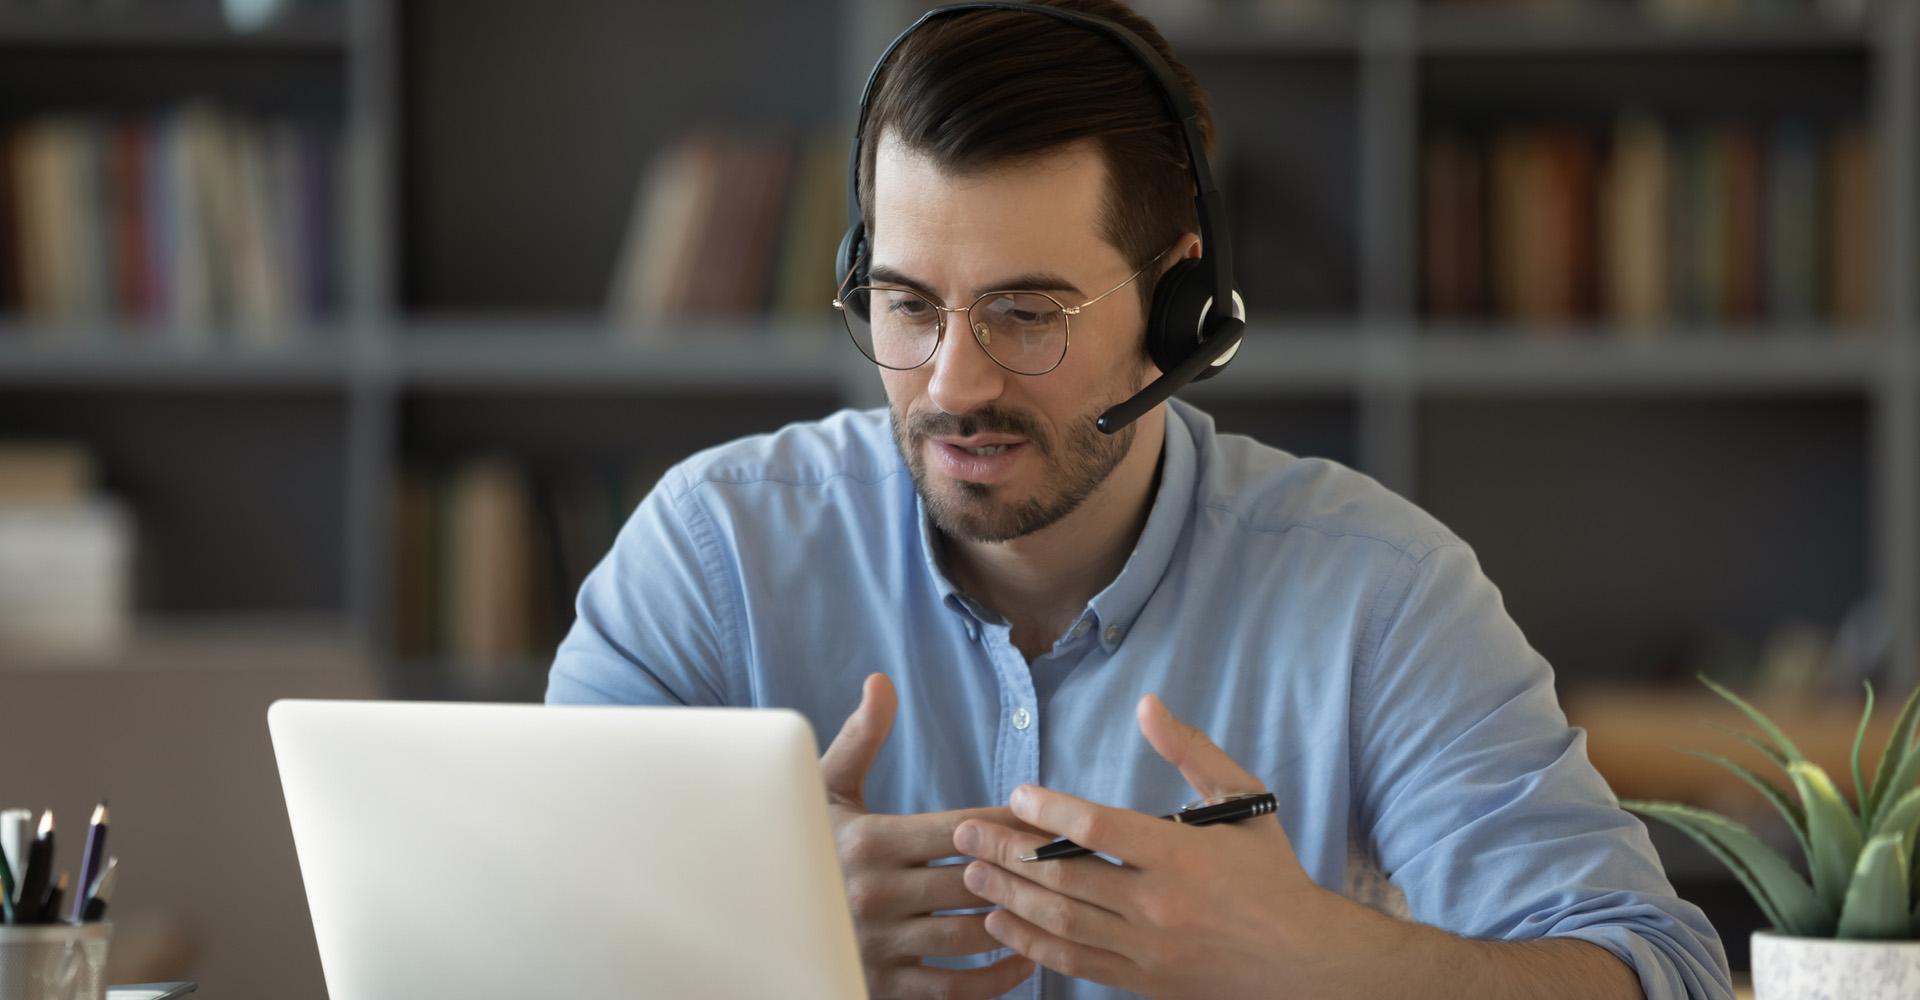 Ein Mann berät einen Nutzer via Remote-Zugriff